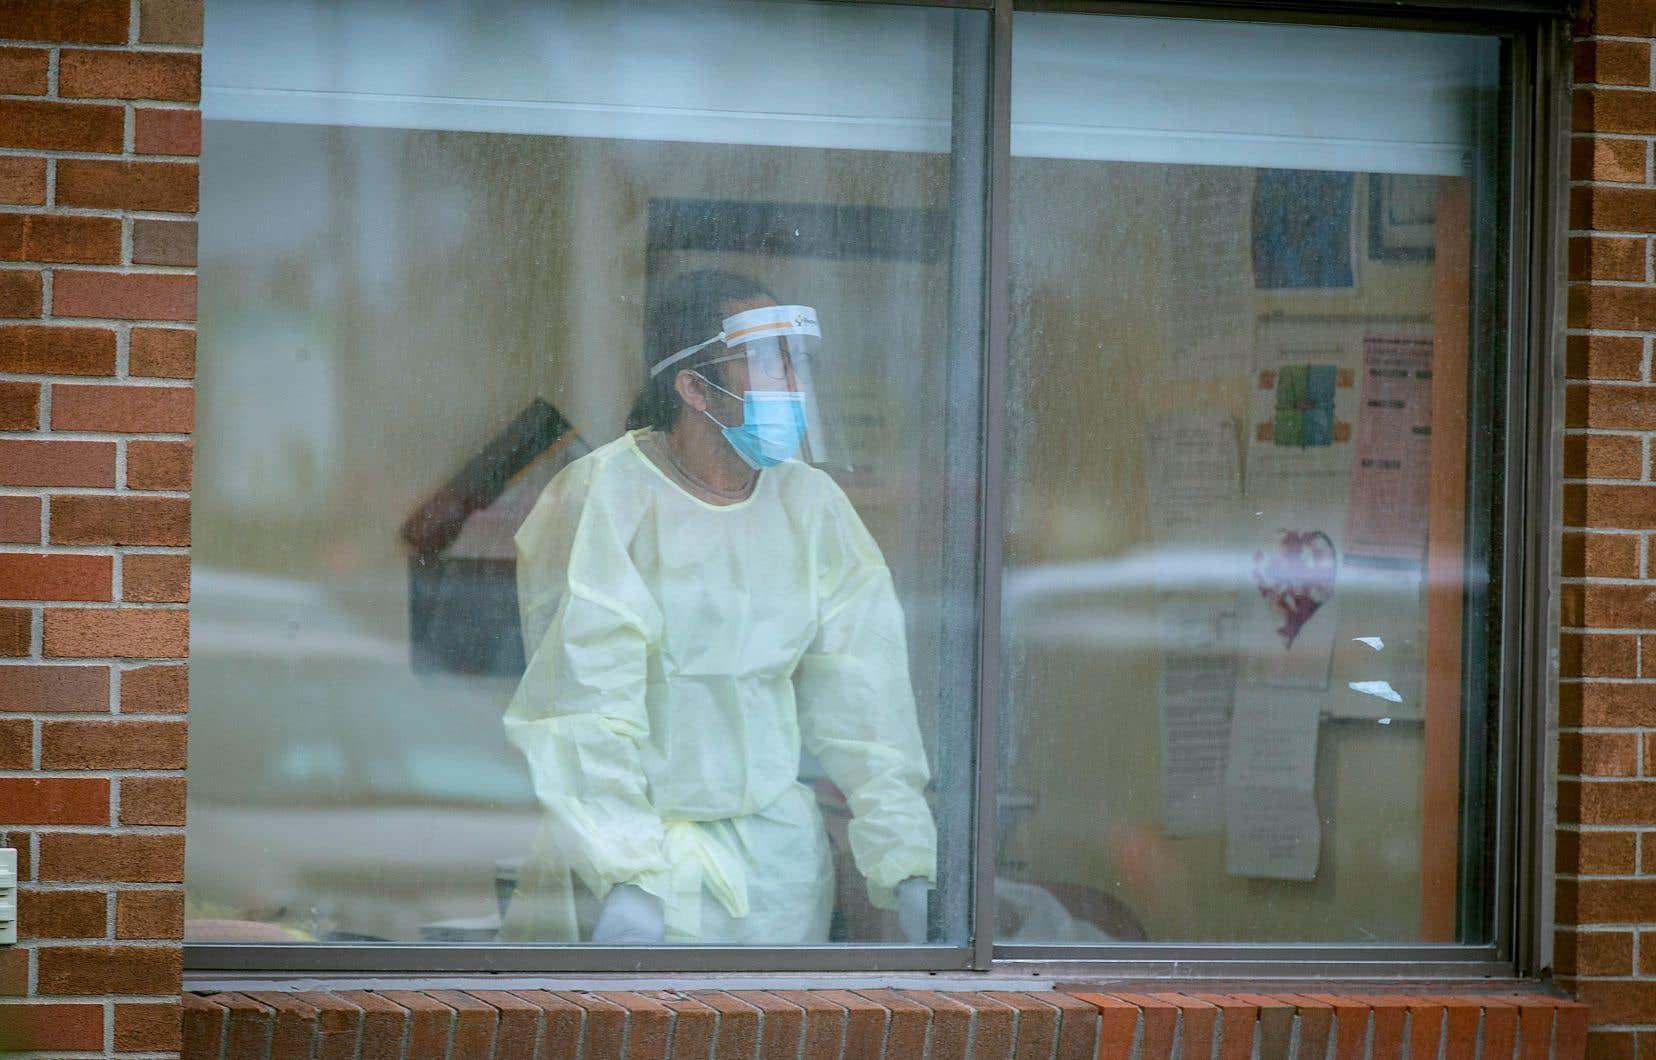 «Hormis quelques exceptions, les journalistes et les photographes se voient en effet refuser leurs requêtes lorsqu'ils demandent l'autorisation d'entrer dans les hôpitaux et les CHSLD, afin de témoigner de la réalité des patients et du personnel soignant», écrivent les signataires.